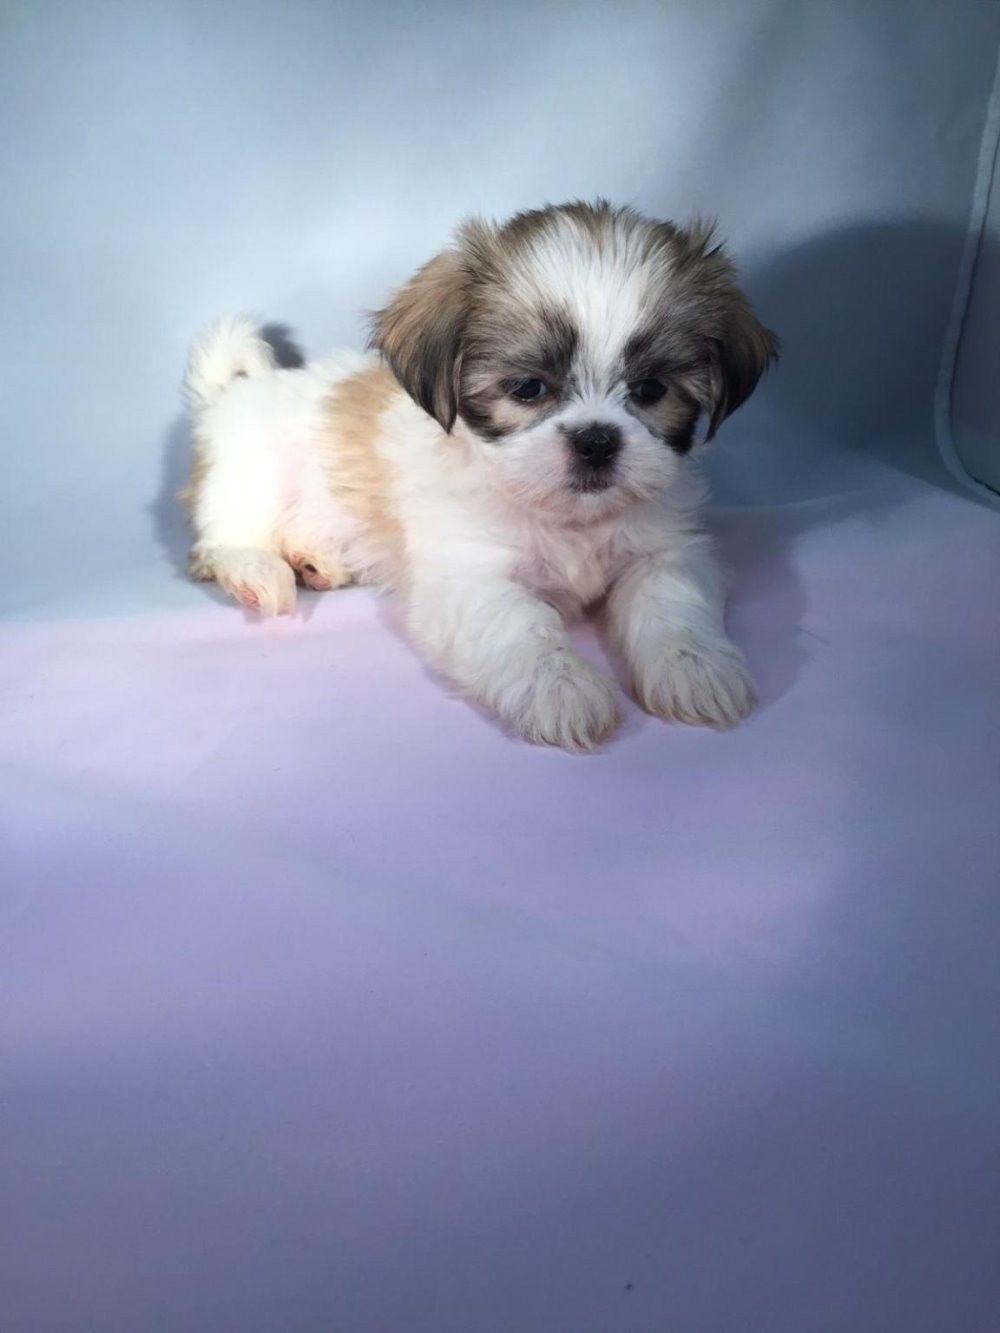 Nyc Shih Tzu Photos Shih Tzu Baby Shih Tzu Shih Tzu Puppy